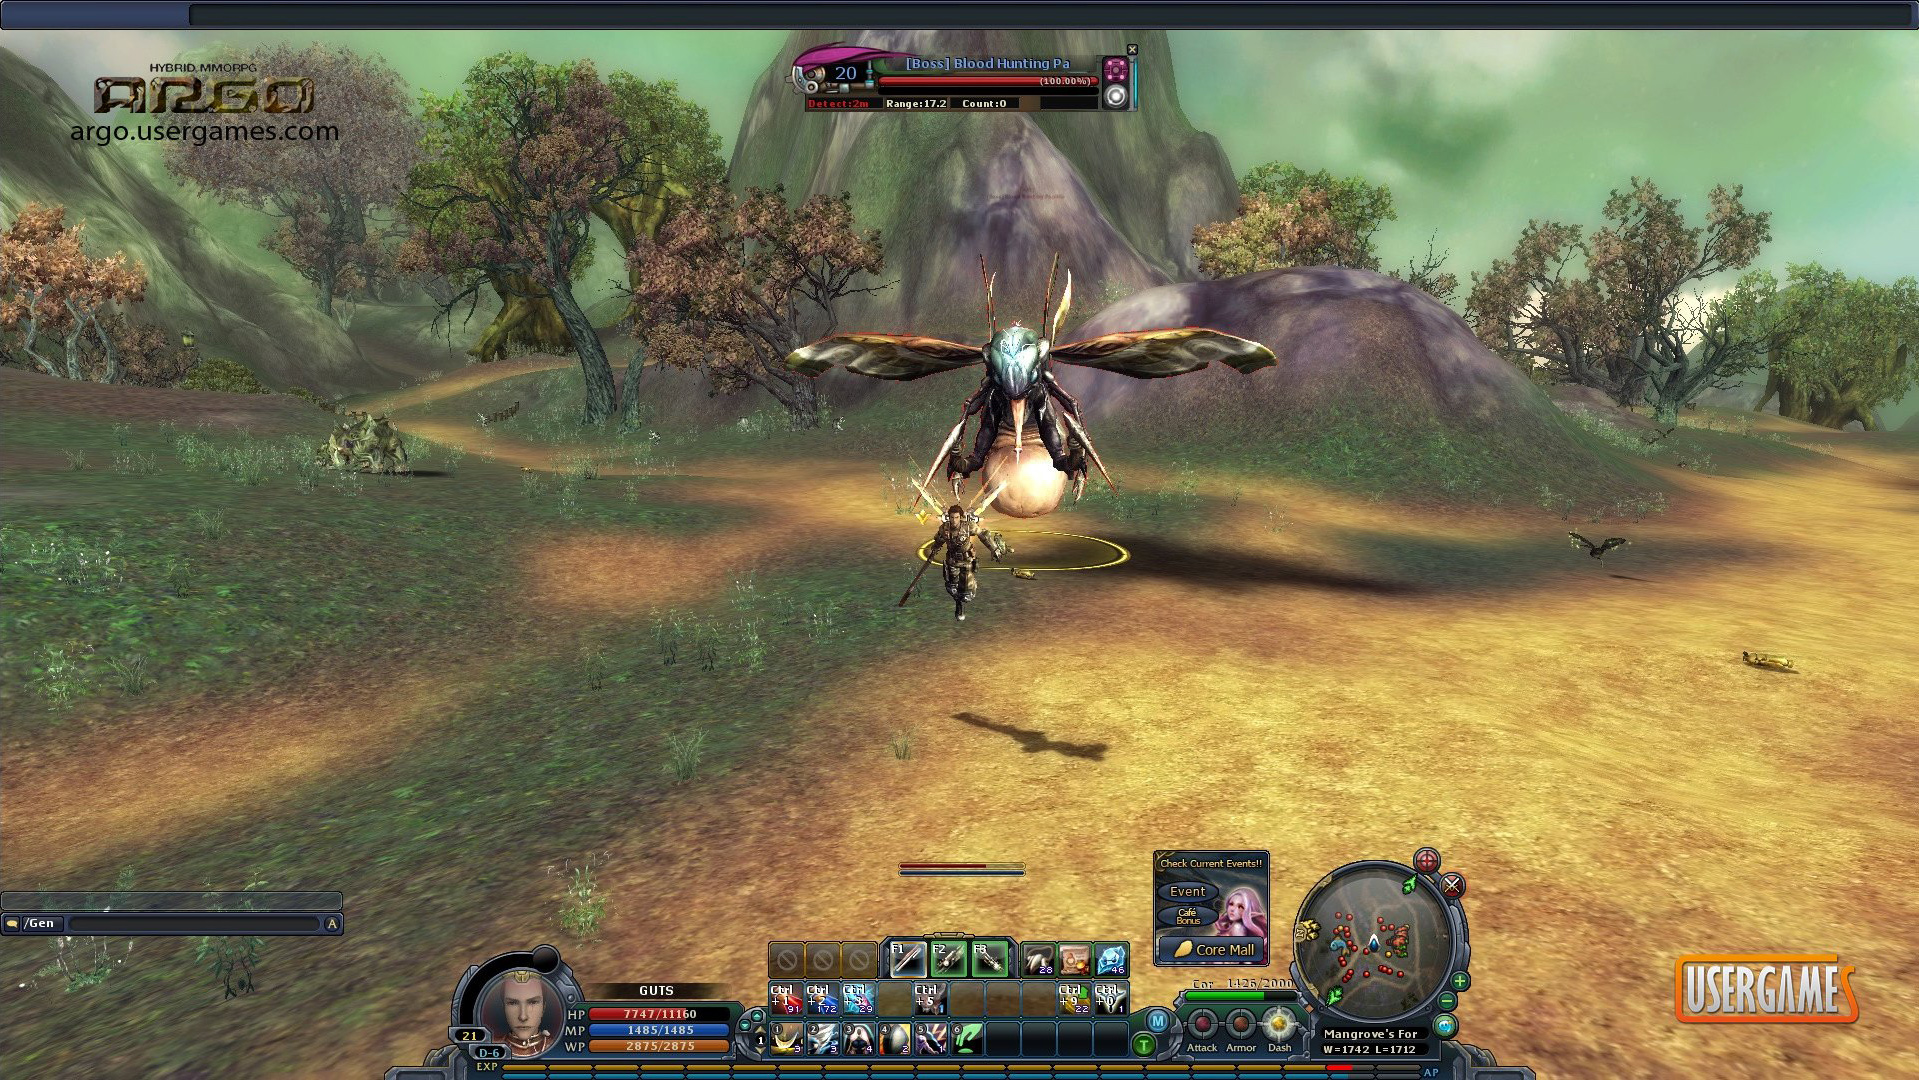 Games Masters phát hành Argo Online tại châu Âu - Ảnh 7